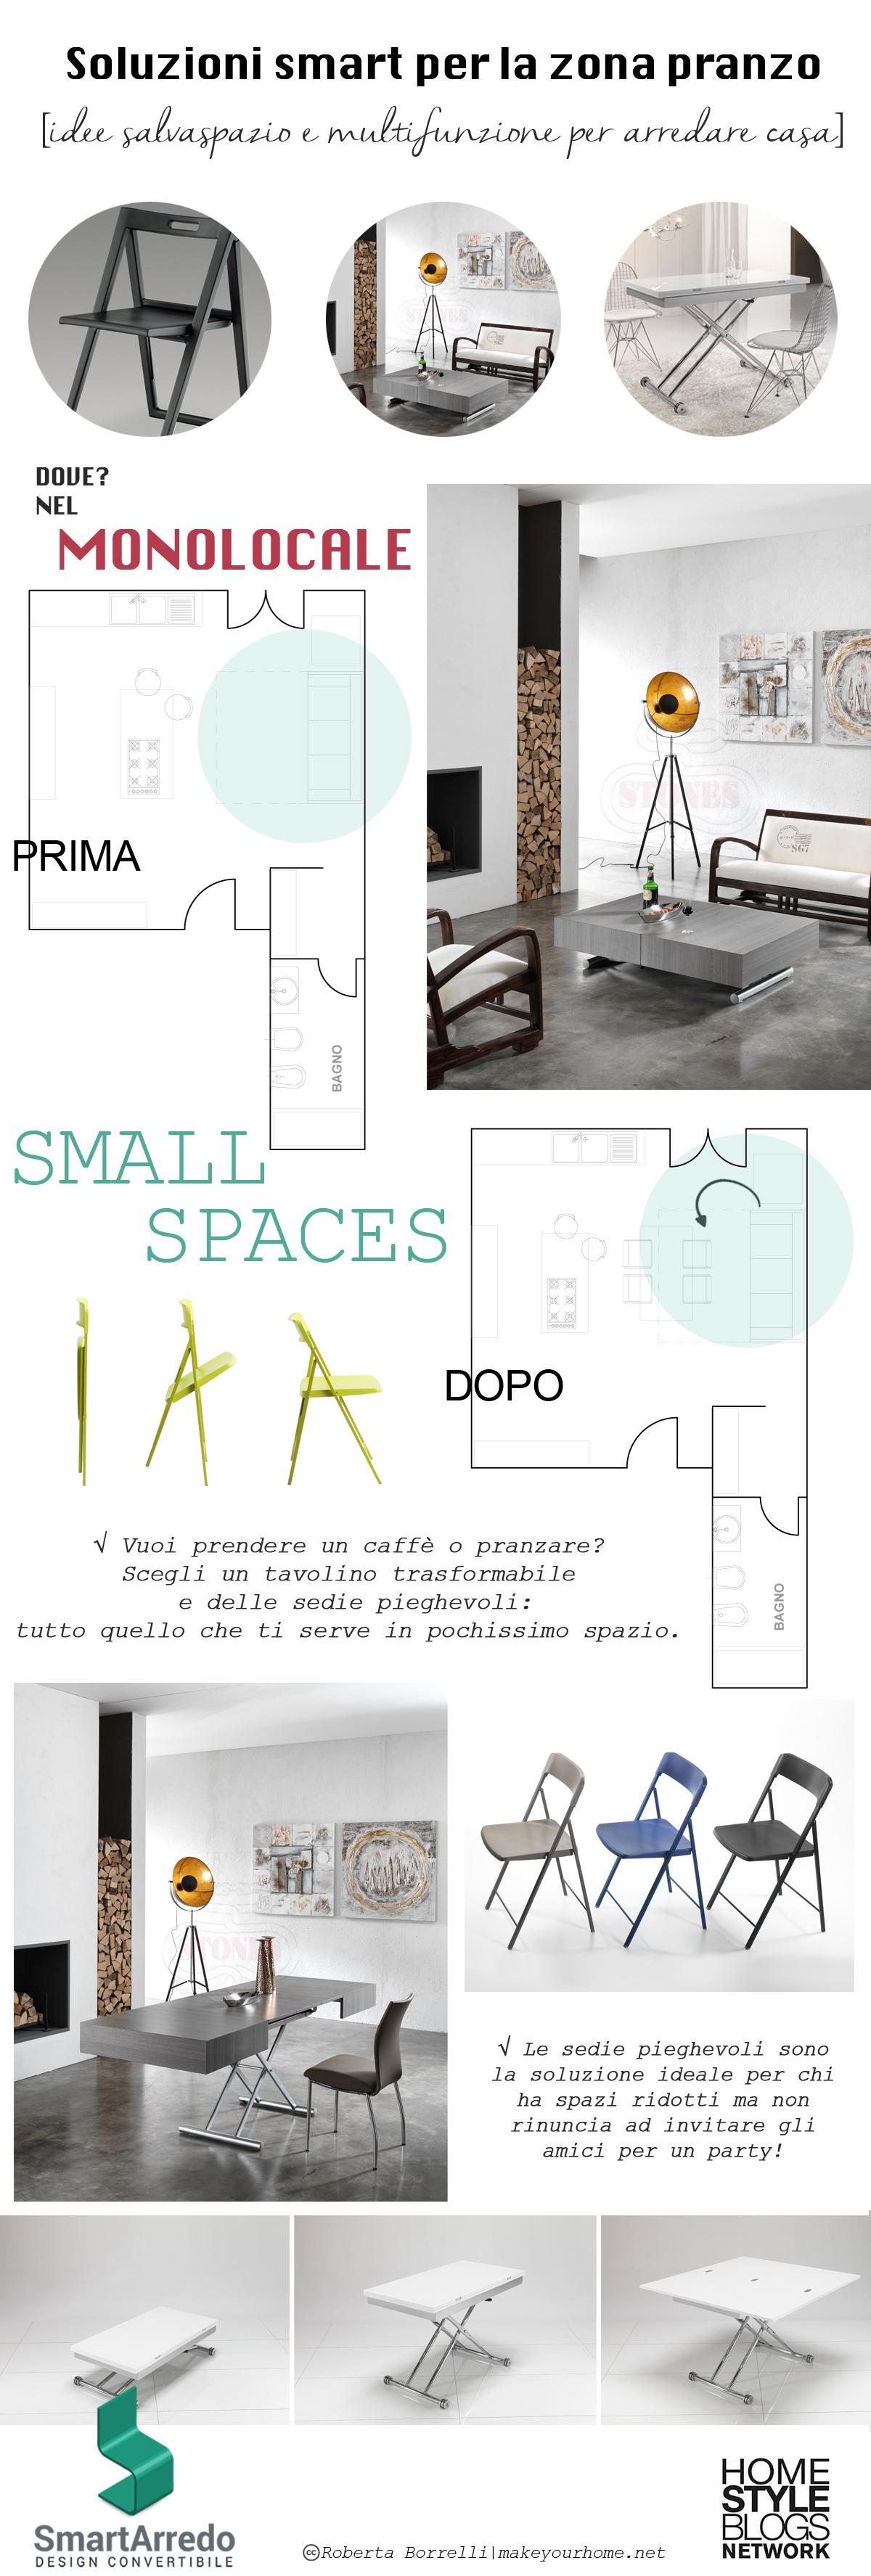 Sedie e tavolini pieghevoli - Arredare una casa piccola - Infografica